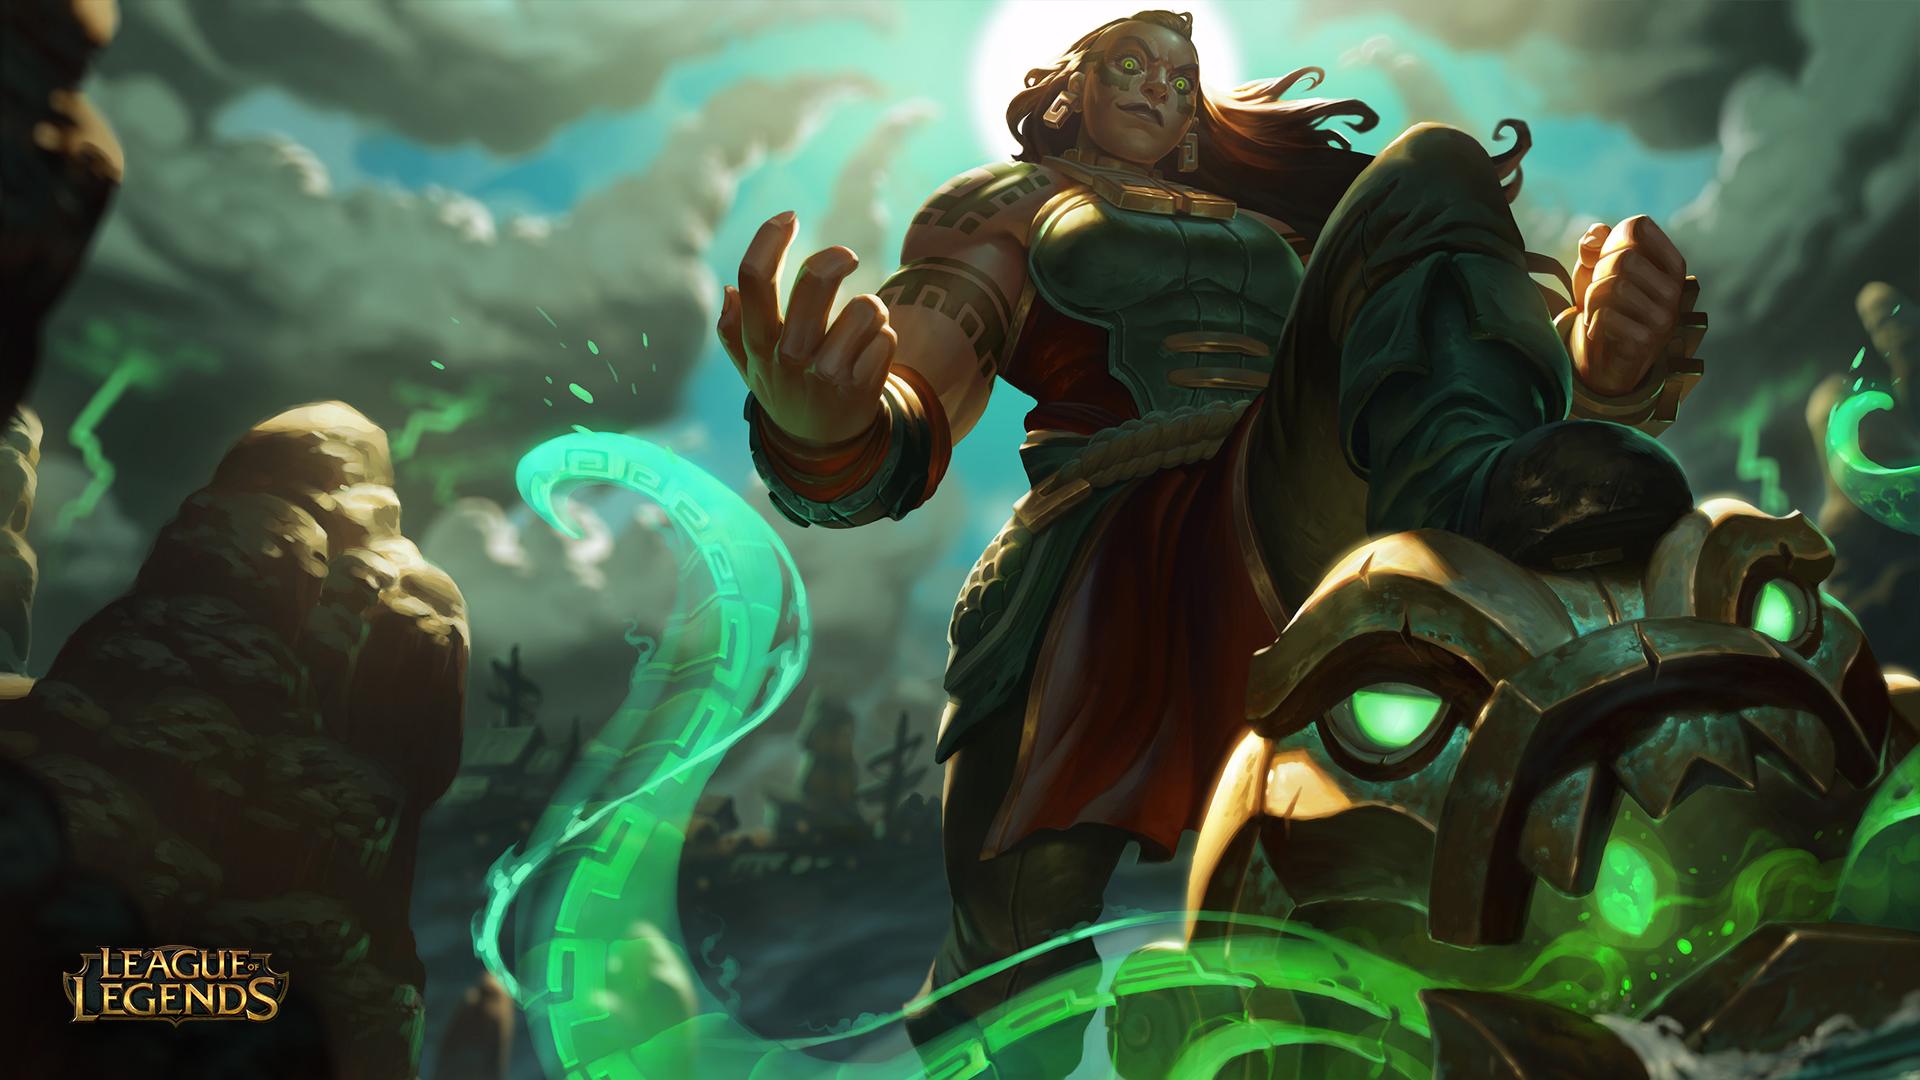 League of Legends Patch 5 23 Notes: 'Ello Illaoi - Blogs